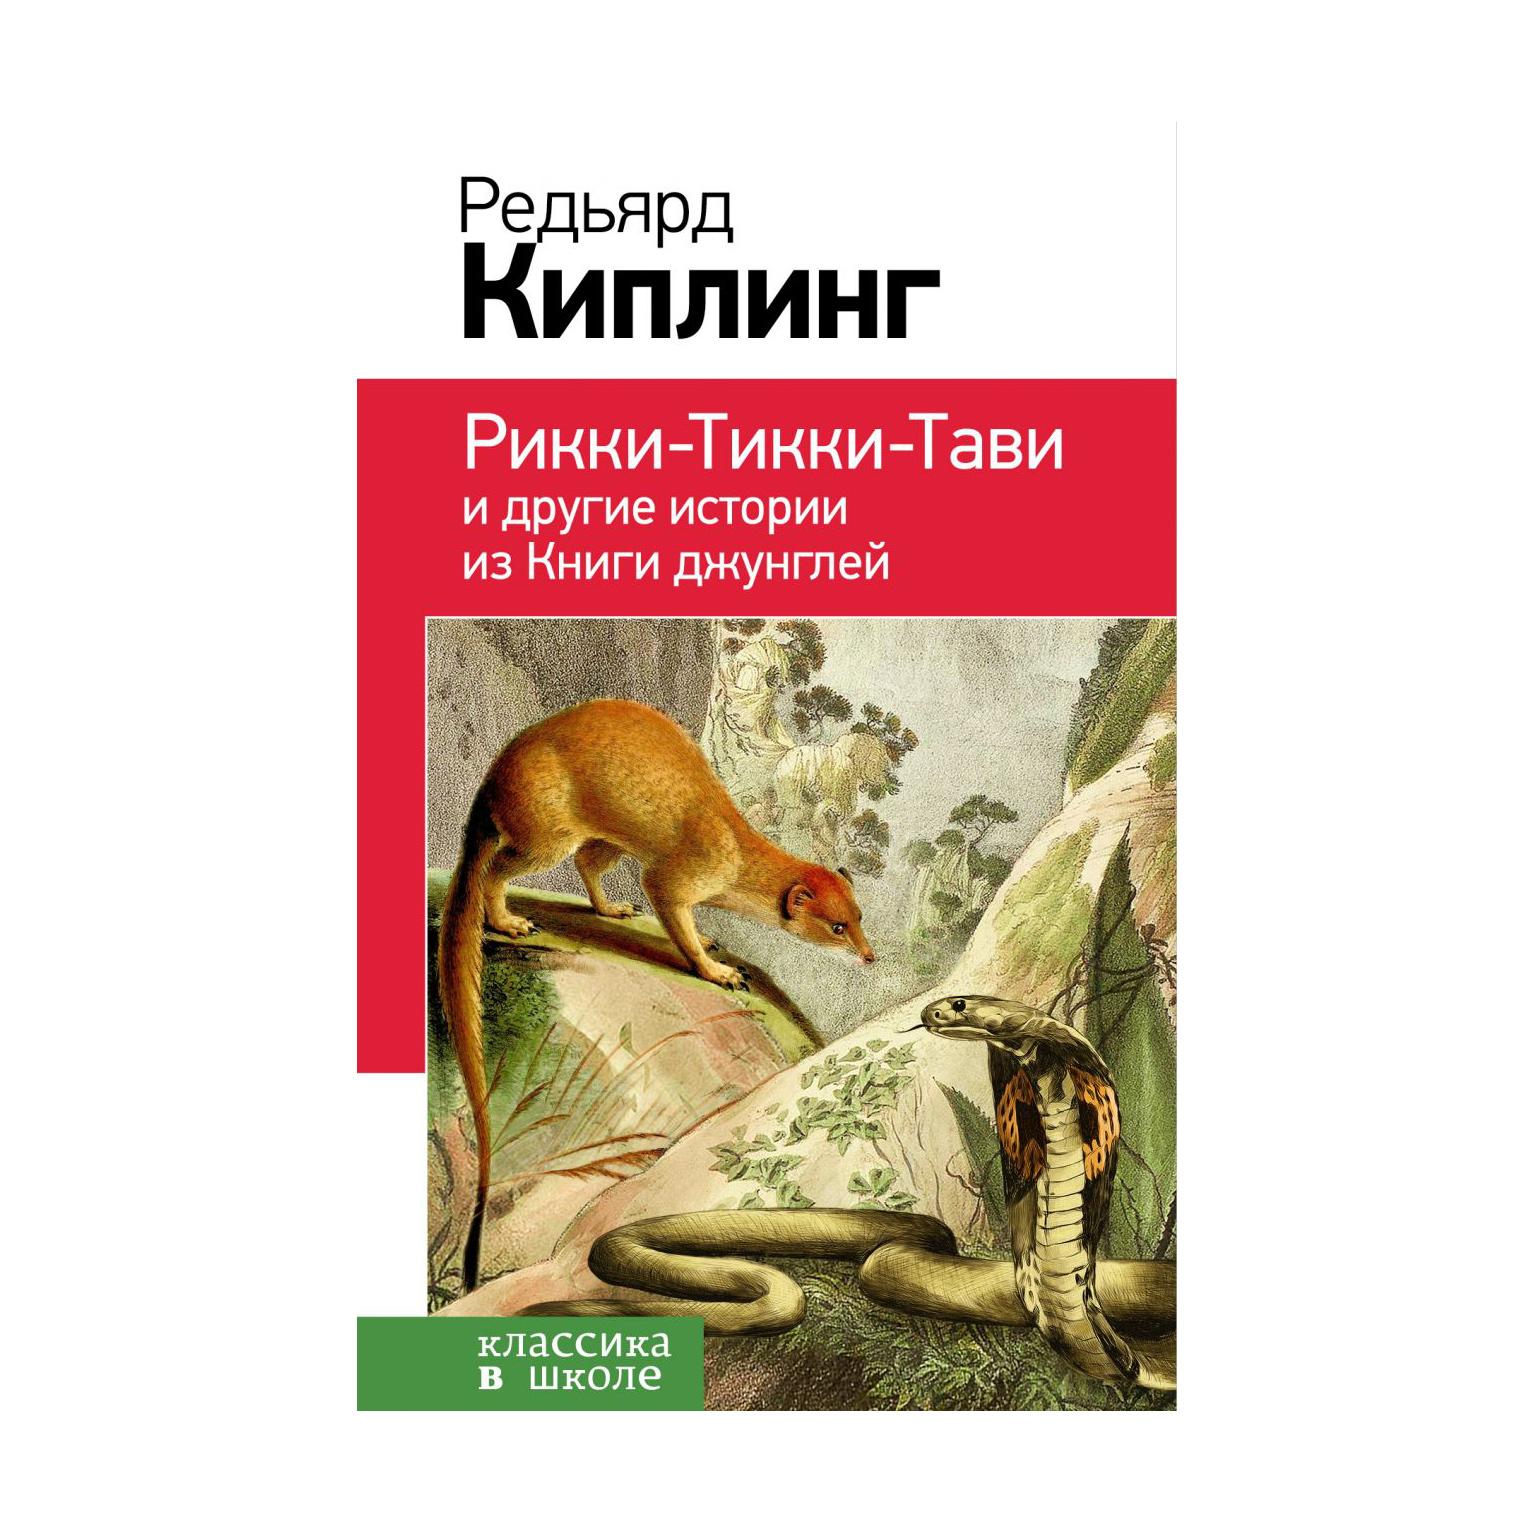 Купить Книга Эксмо Рикки-Тикки-Тави и другие истории из Книги джунглей,